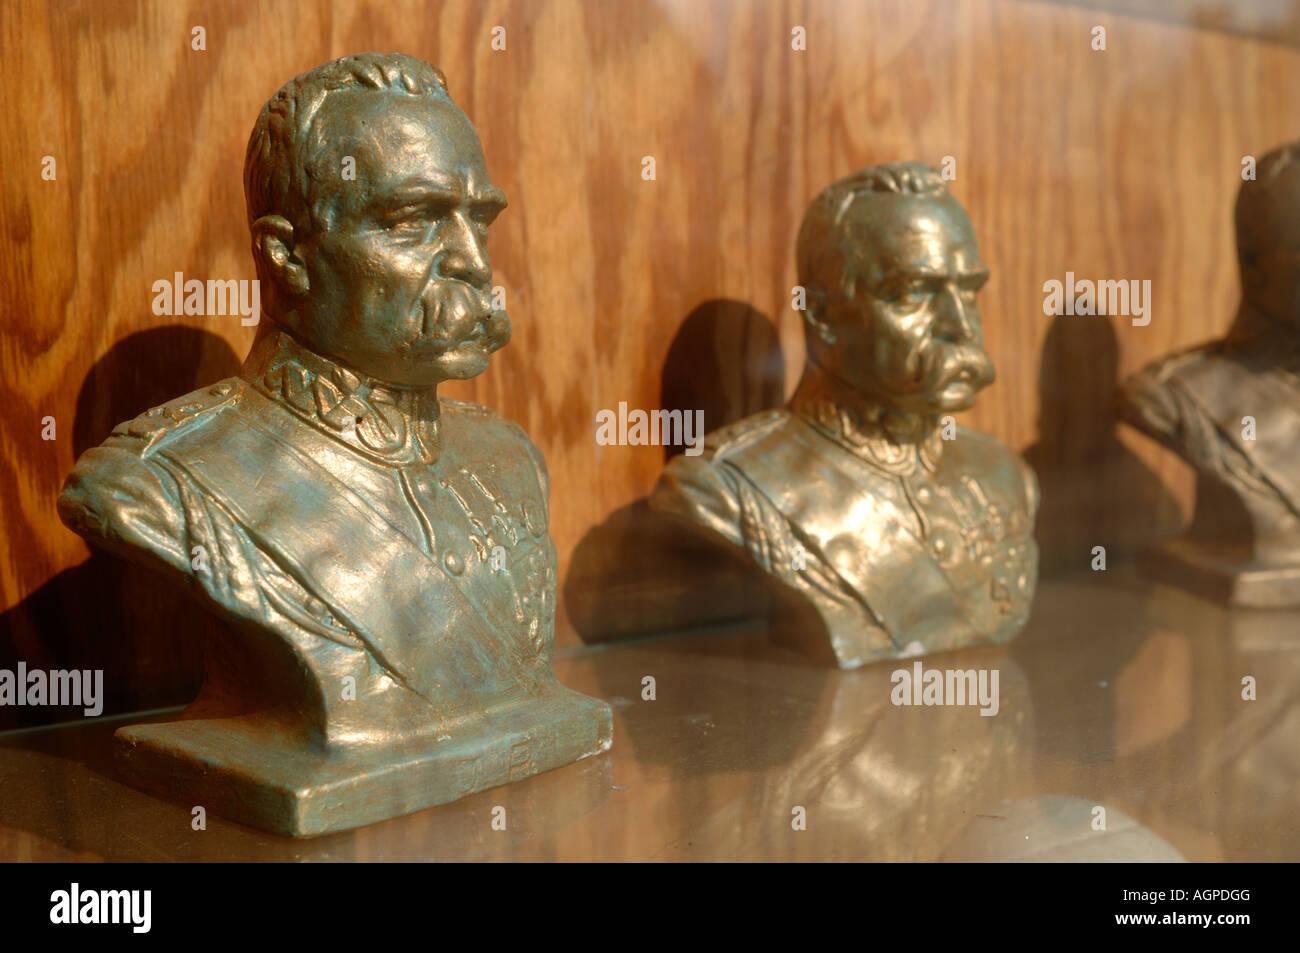 Miniature Busts Stock Photos & Miniature Busts Stock Images - Alamy